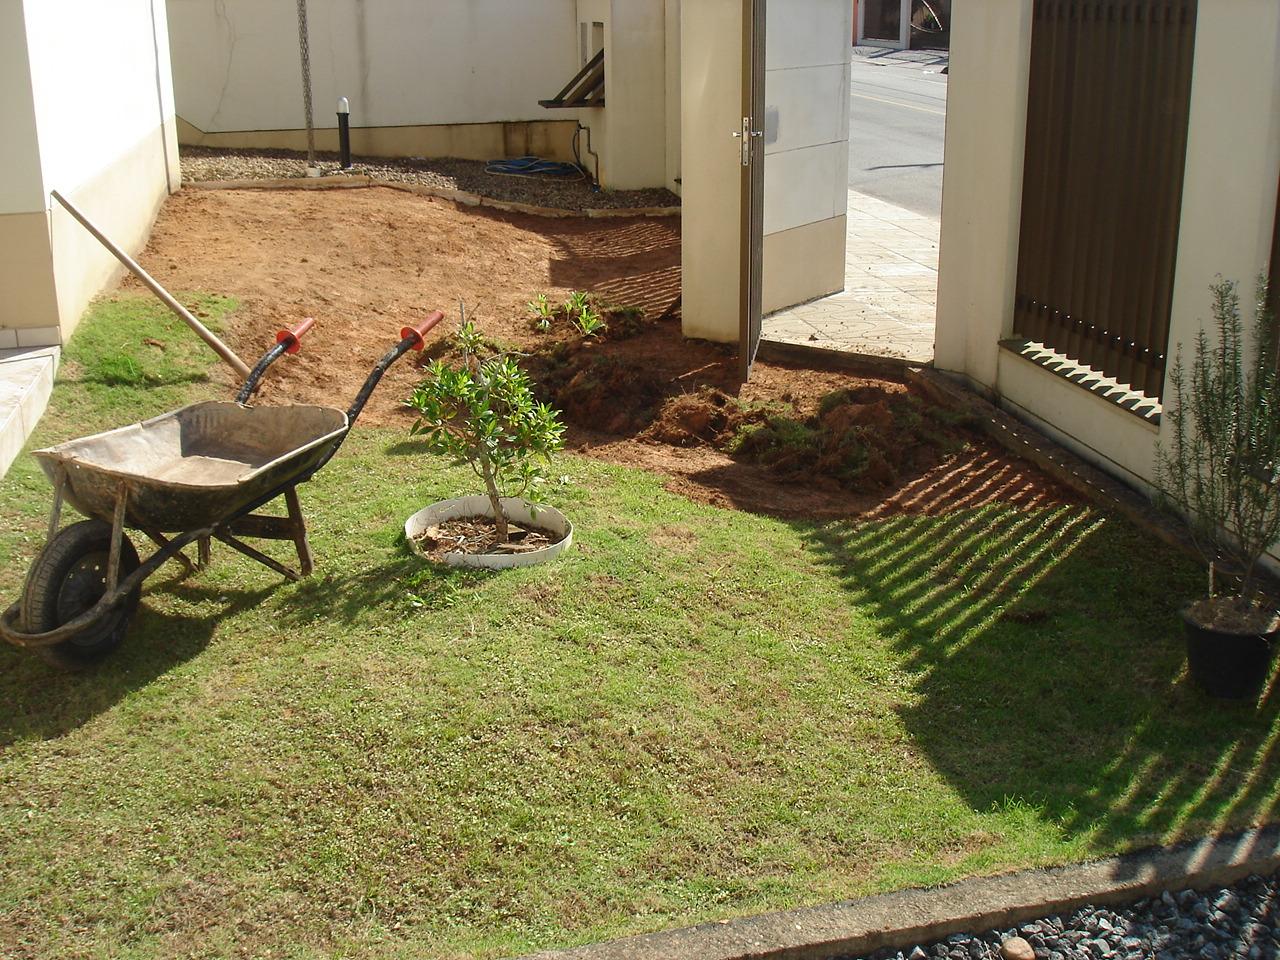 Silvio jardins id ia jardim pequeno for Jardines pequenos simples